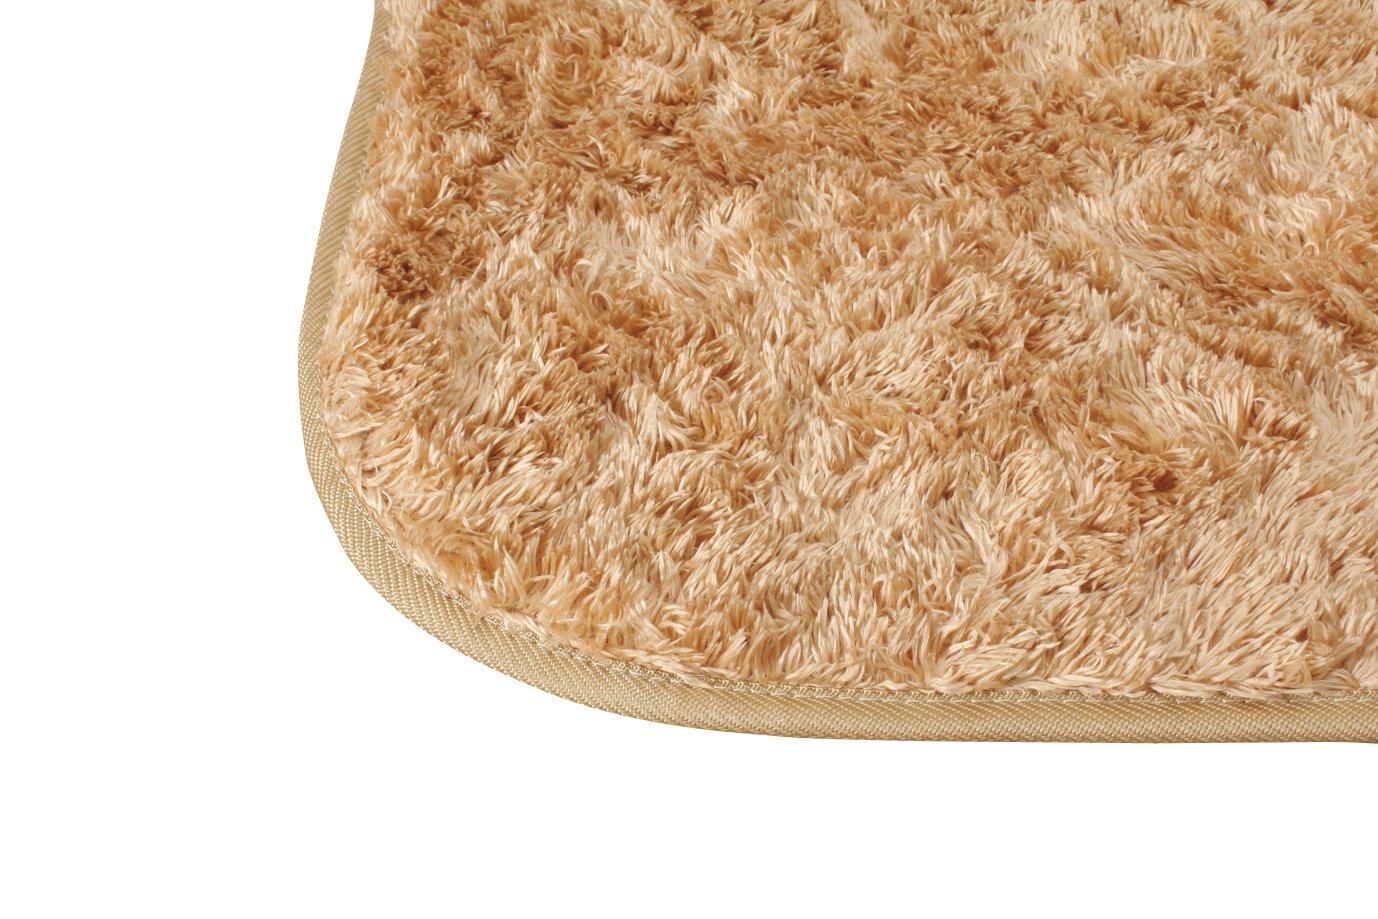 アイリスオーヤマ ラグカーペット シャギー 230×230cm クッキー MPS-2323 B008S62SJ4 クッキー